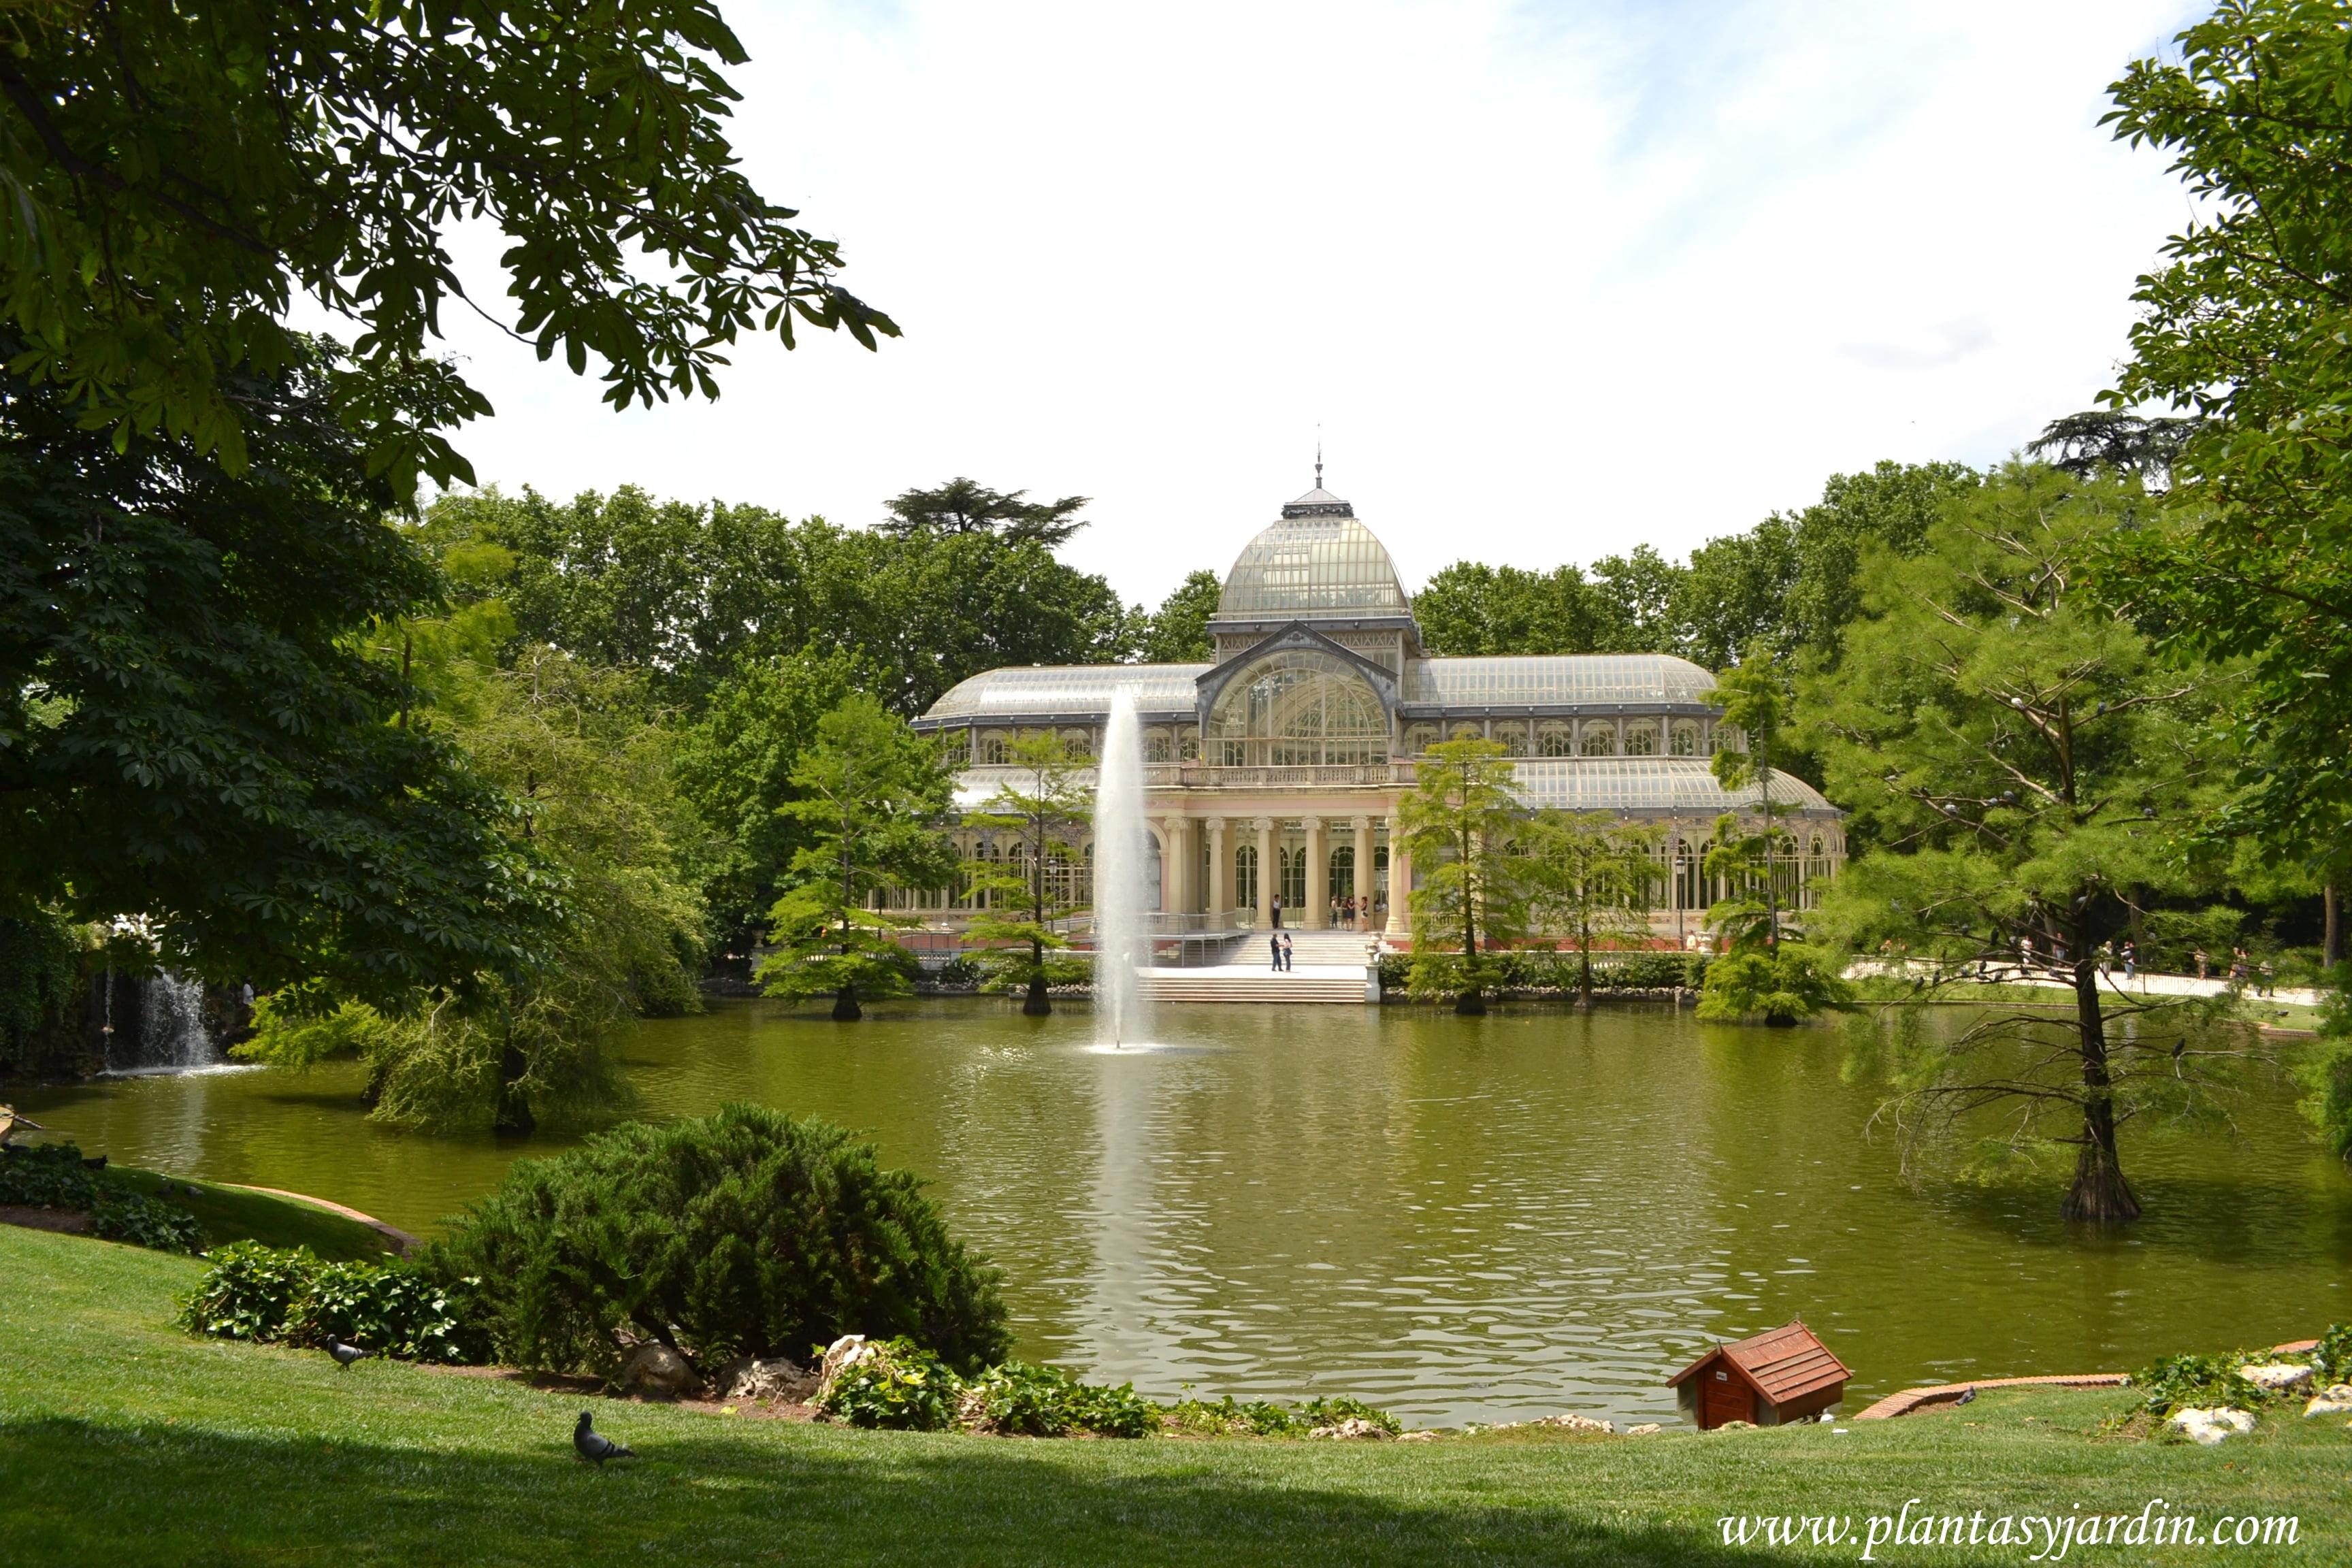 El Palacio de Cristal en el Parque del Buen Retiro, Madrid